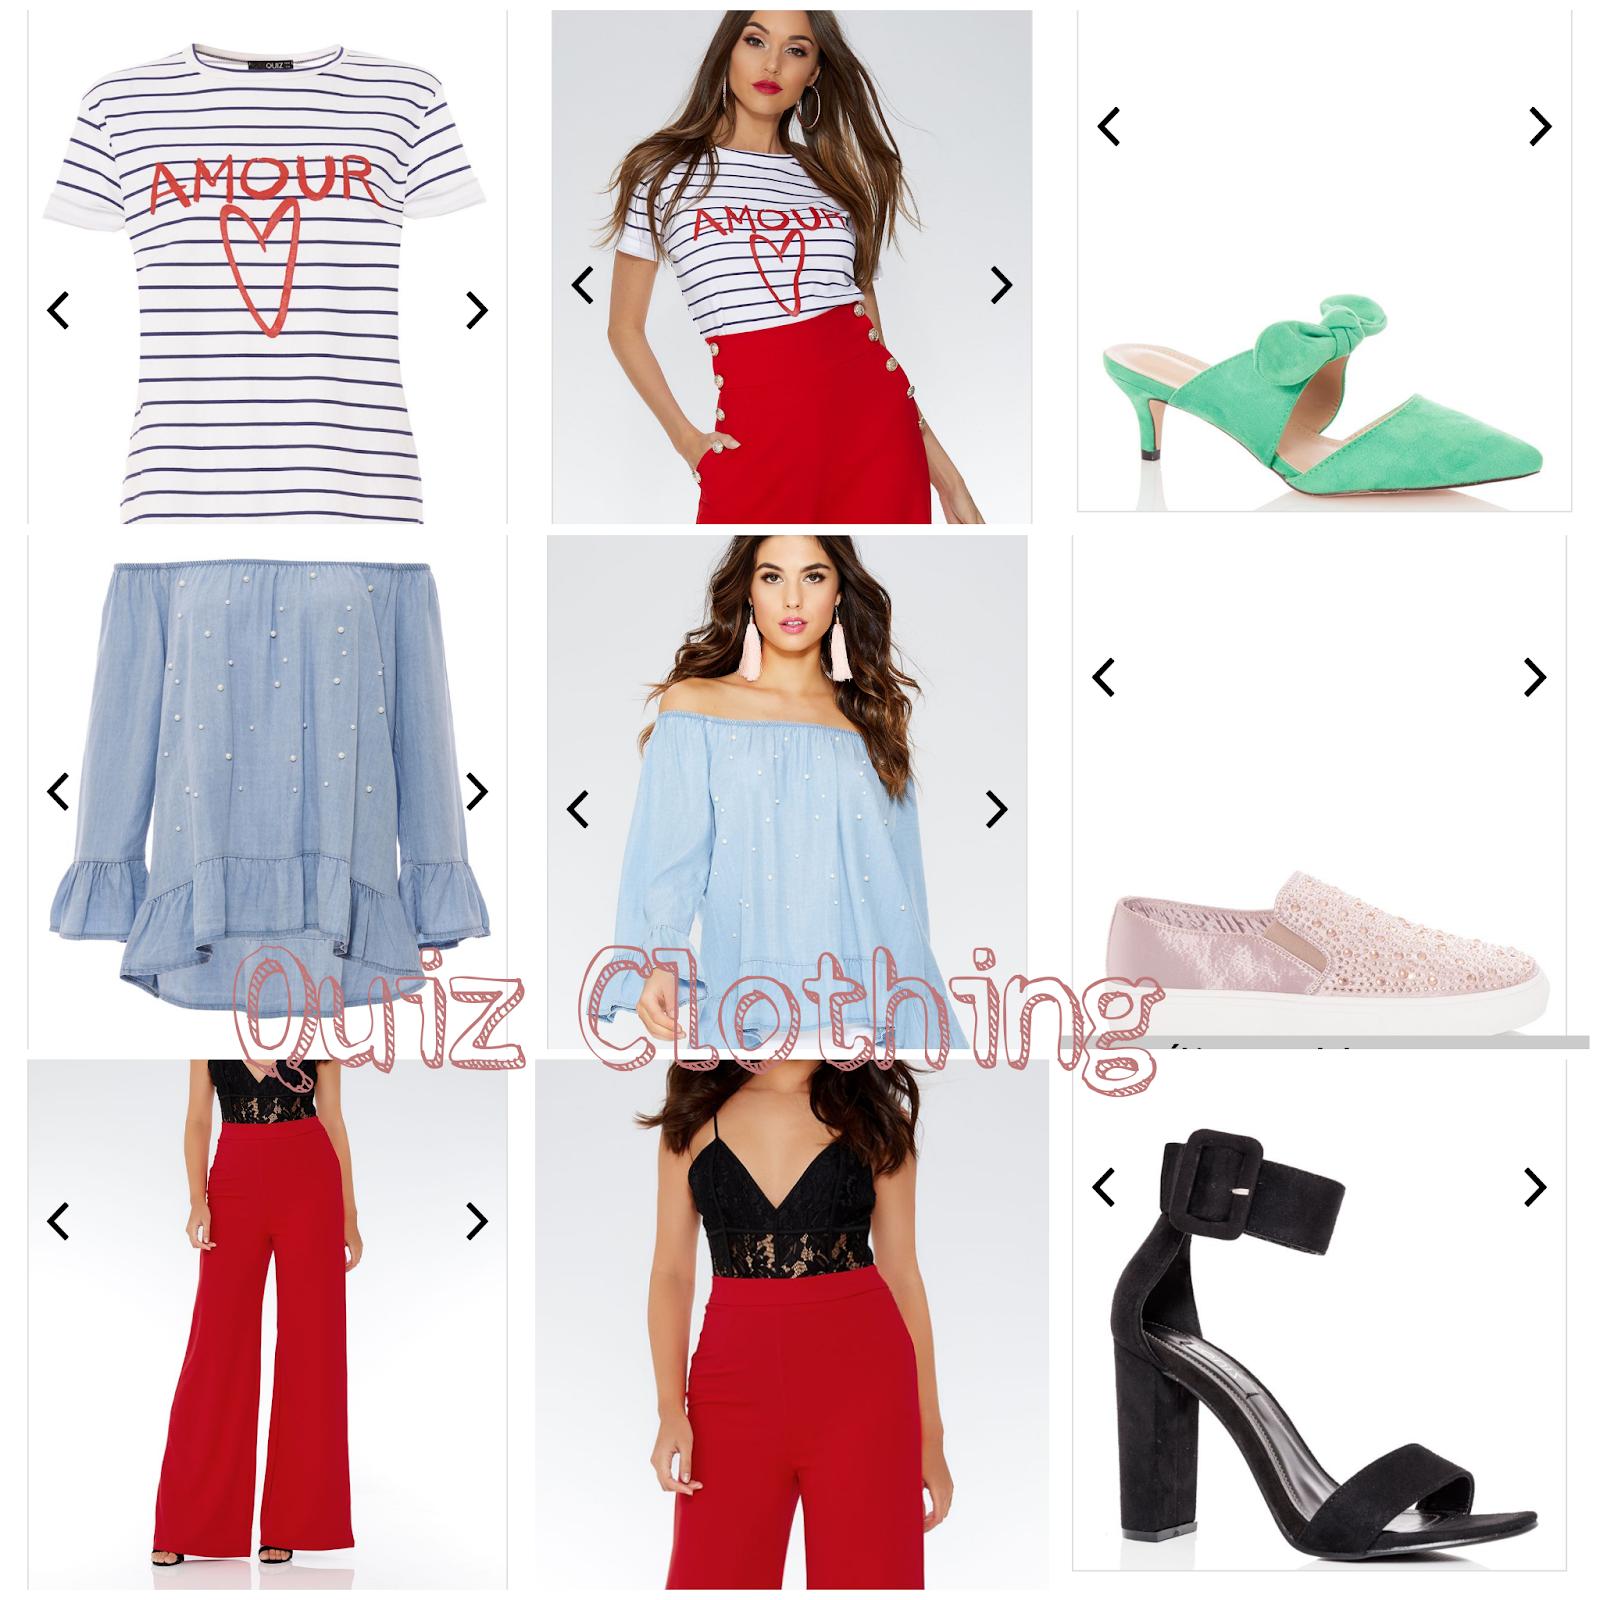 Quiz Clothing Spring Fashion Miau Potingues